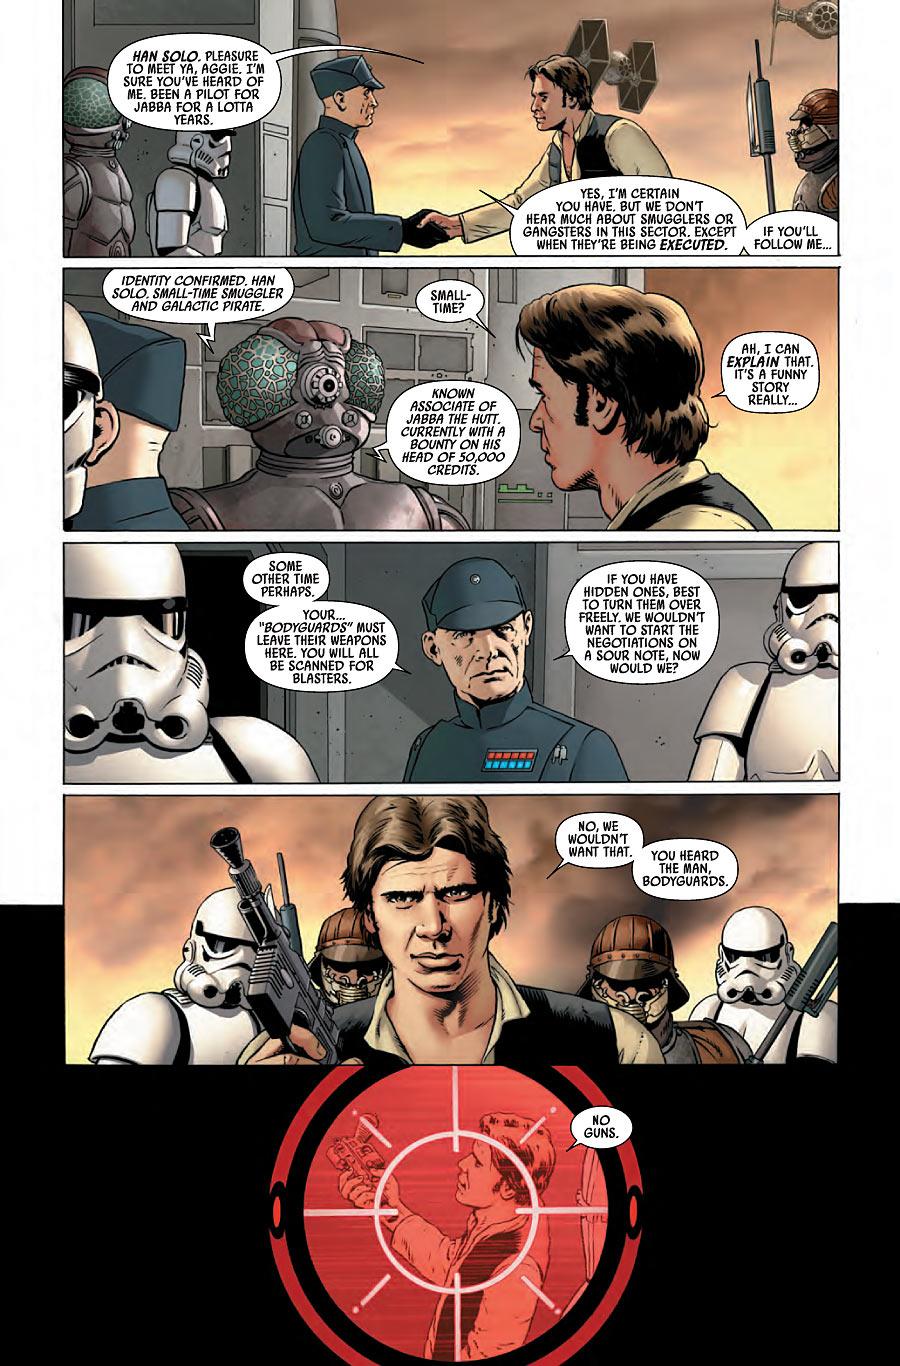 Usted está en el cine. Star Wars 01, 2015, Aaron y Cassaday